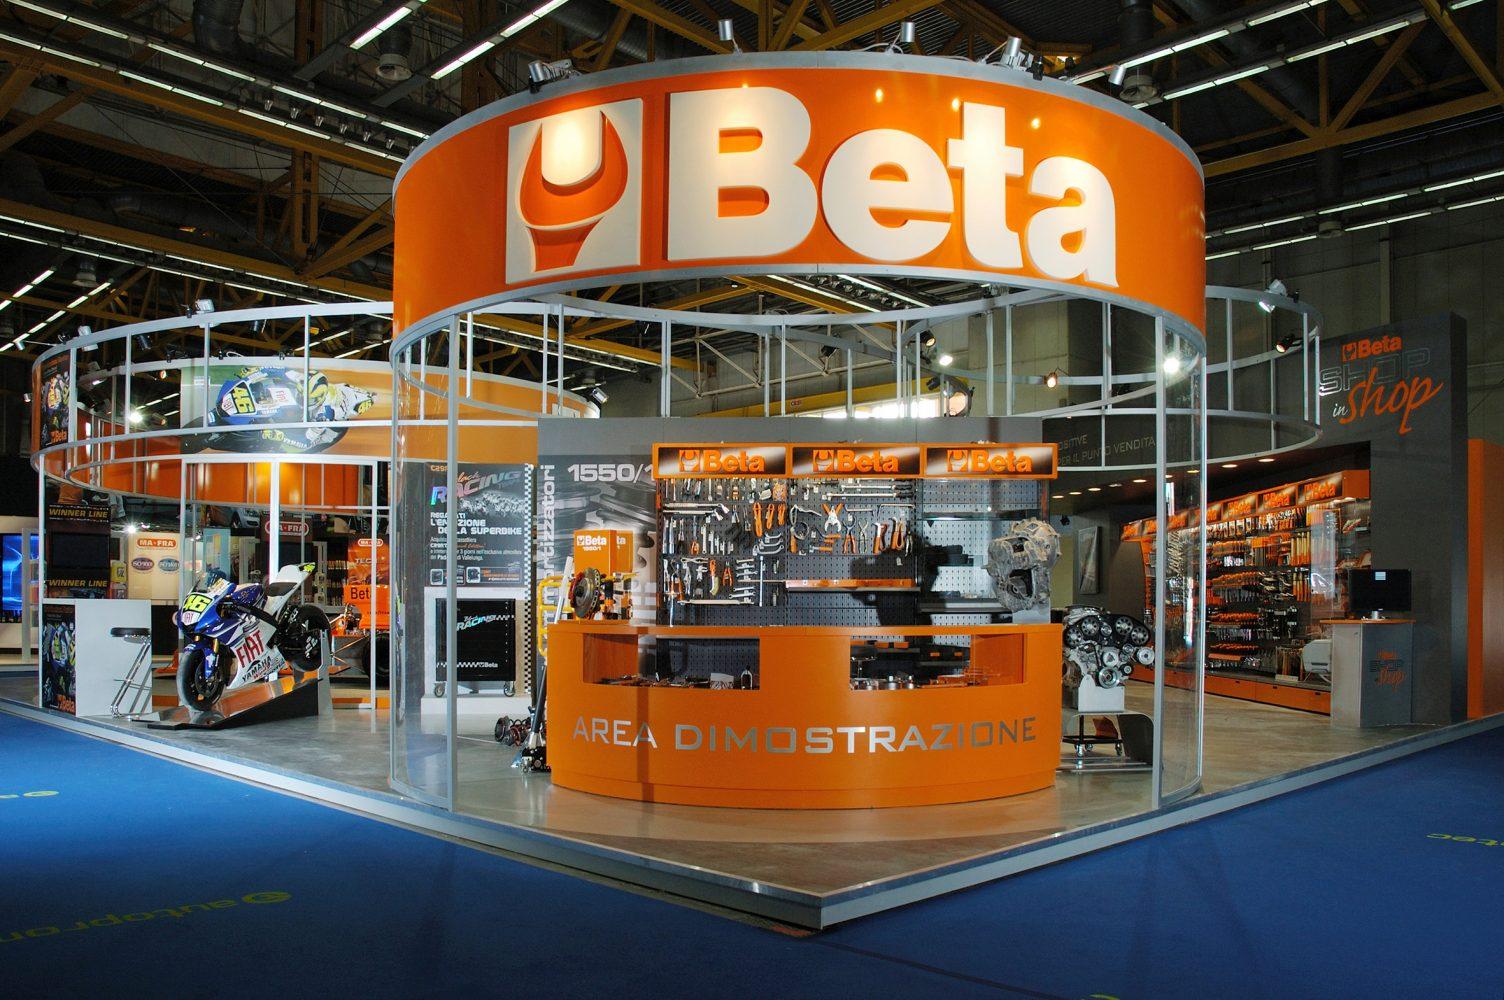 Beta Utensili decorazione stand fiera Autopromotec